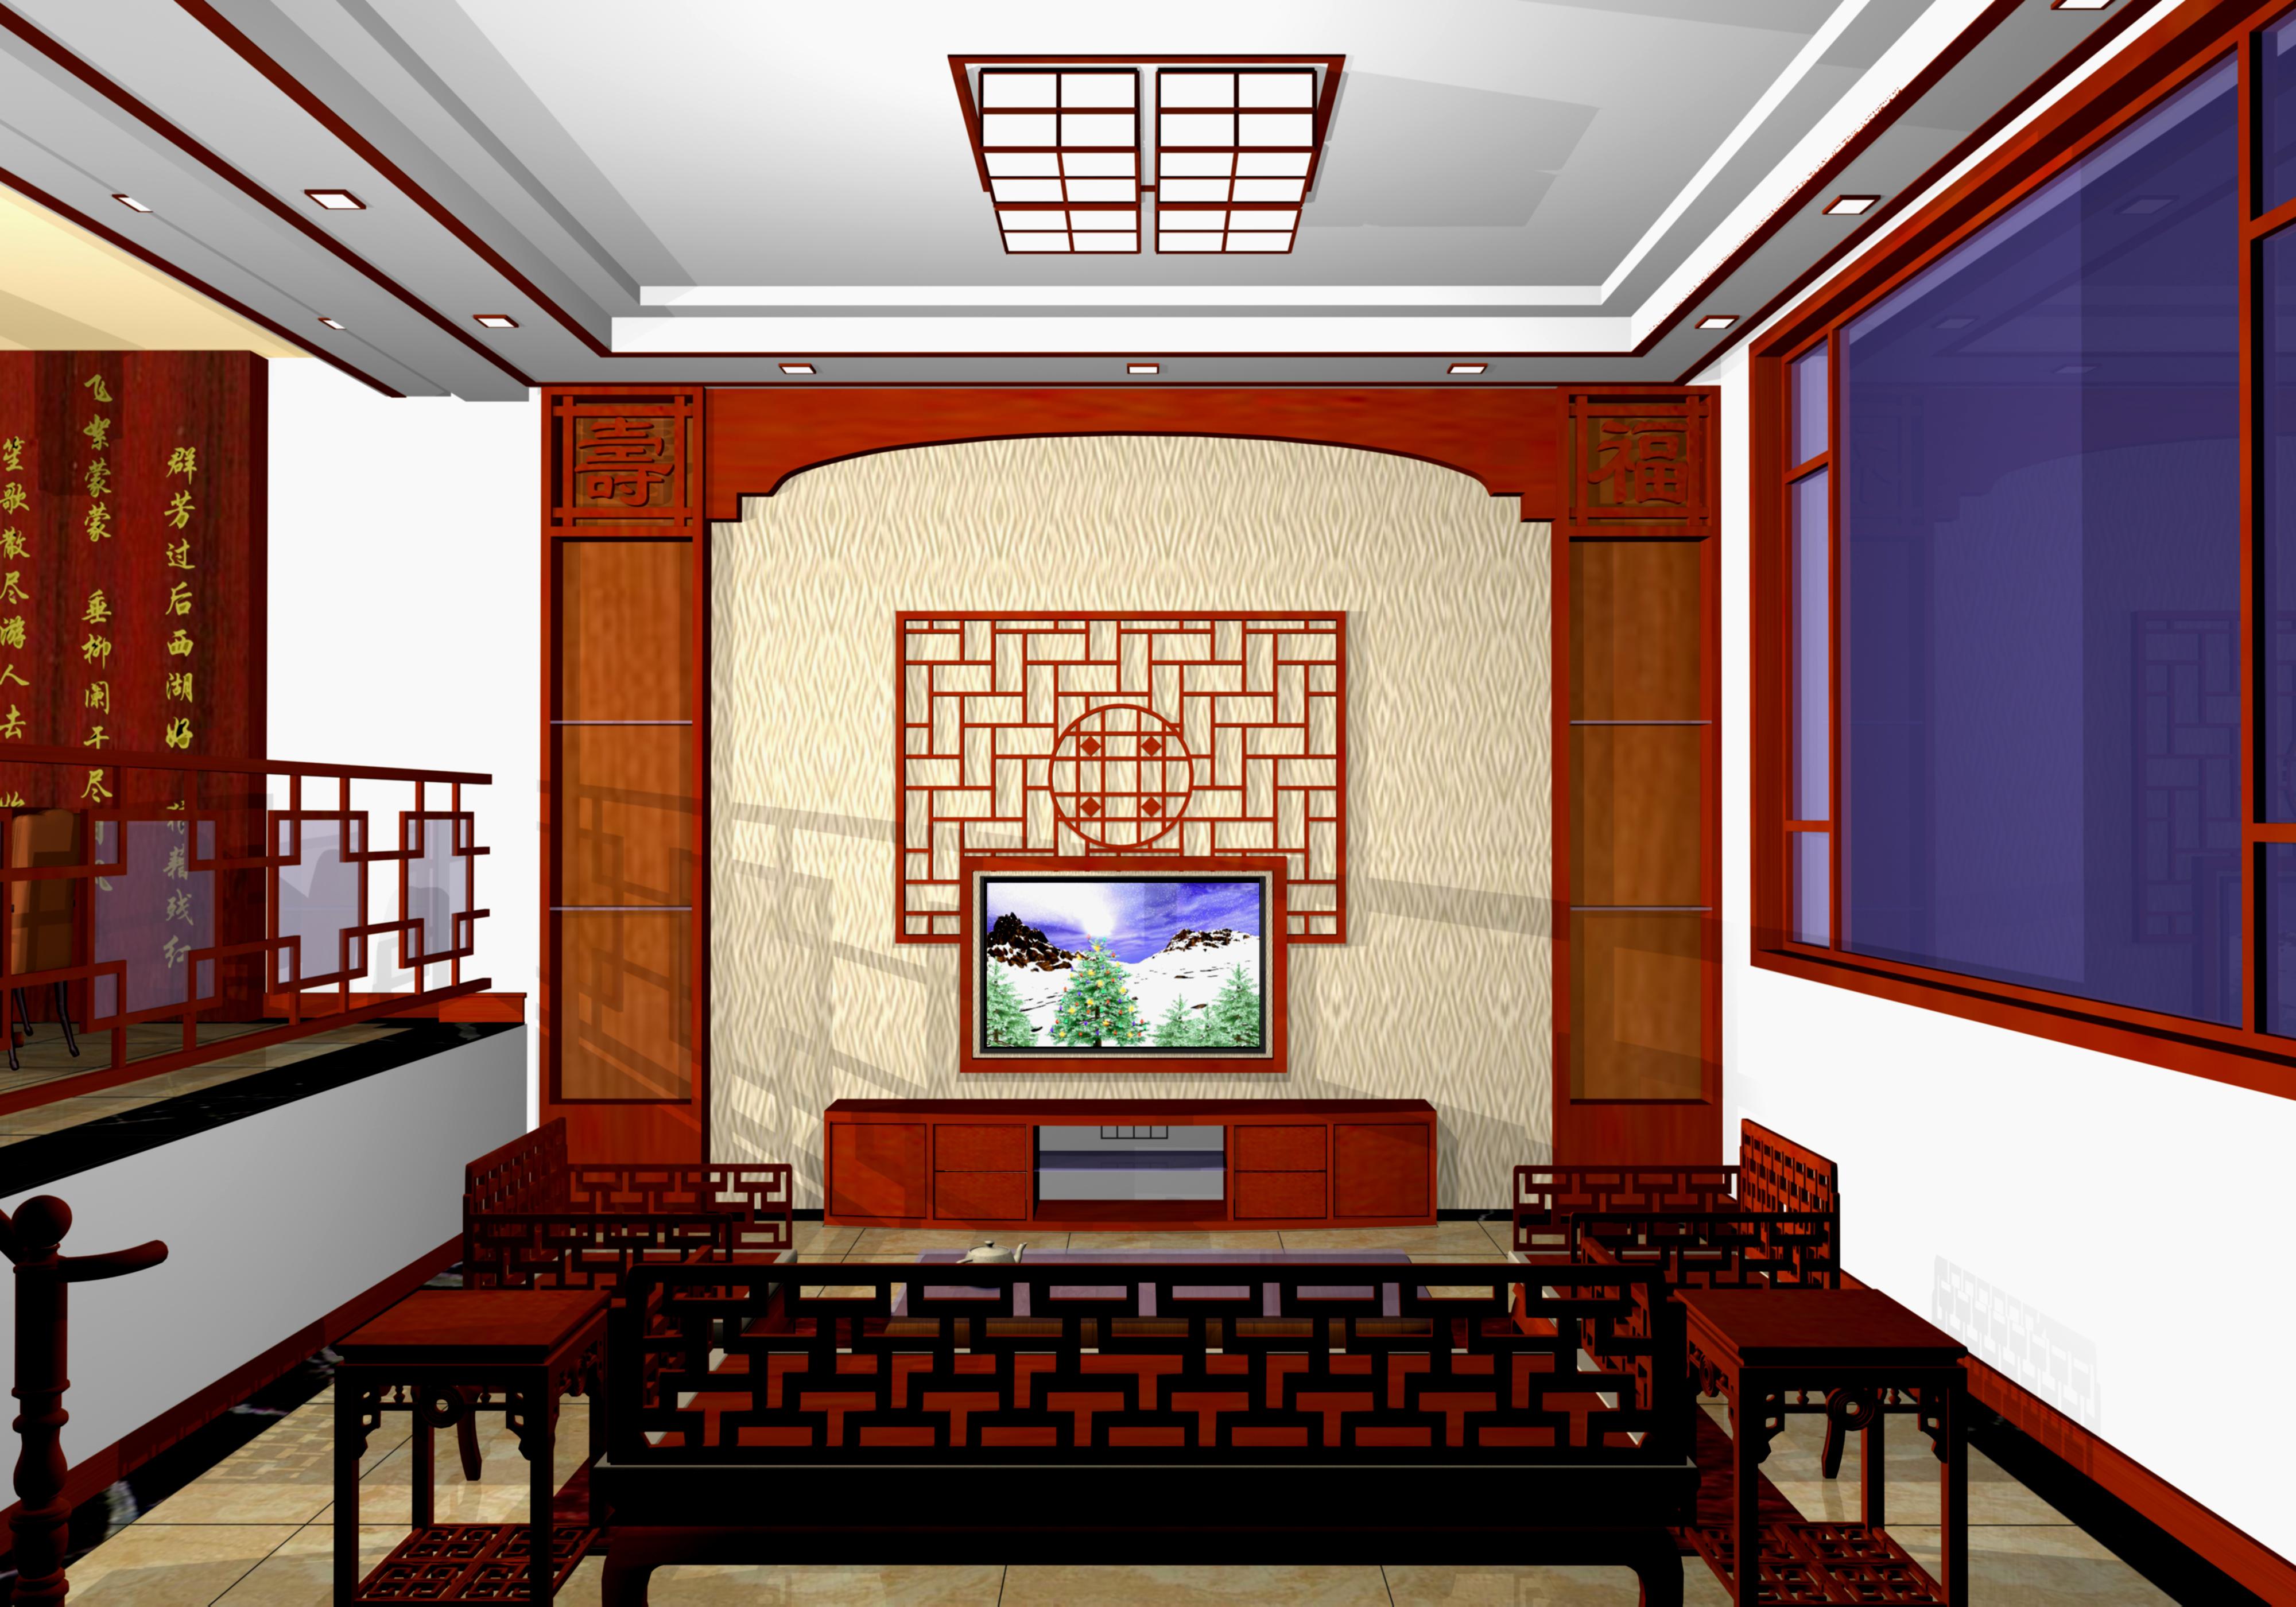 欧式风格家庭客厅电视背景墙装修设计 农村基础设施建设农村公共客厅